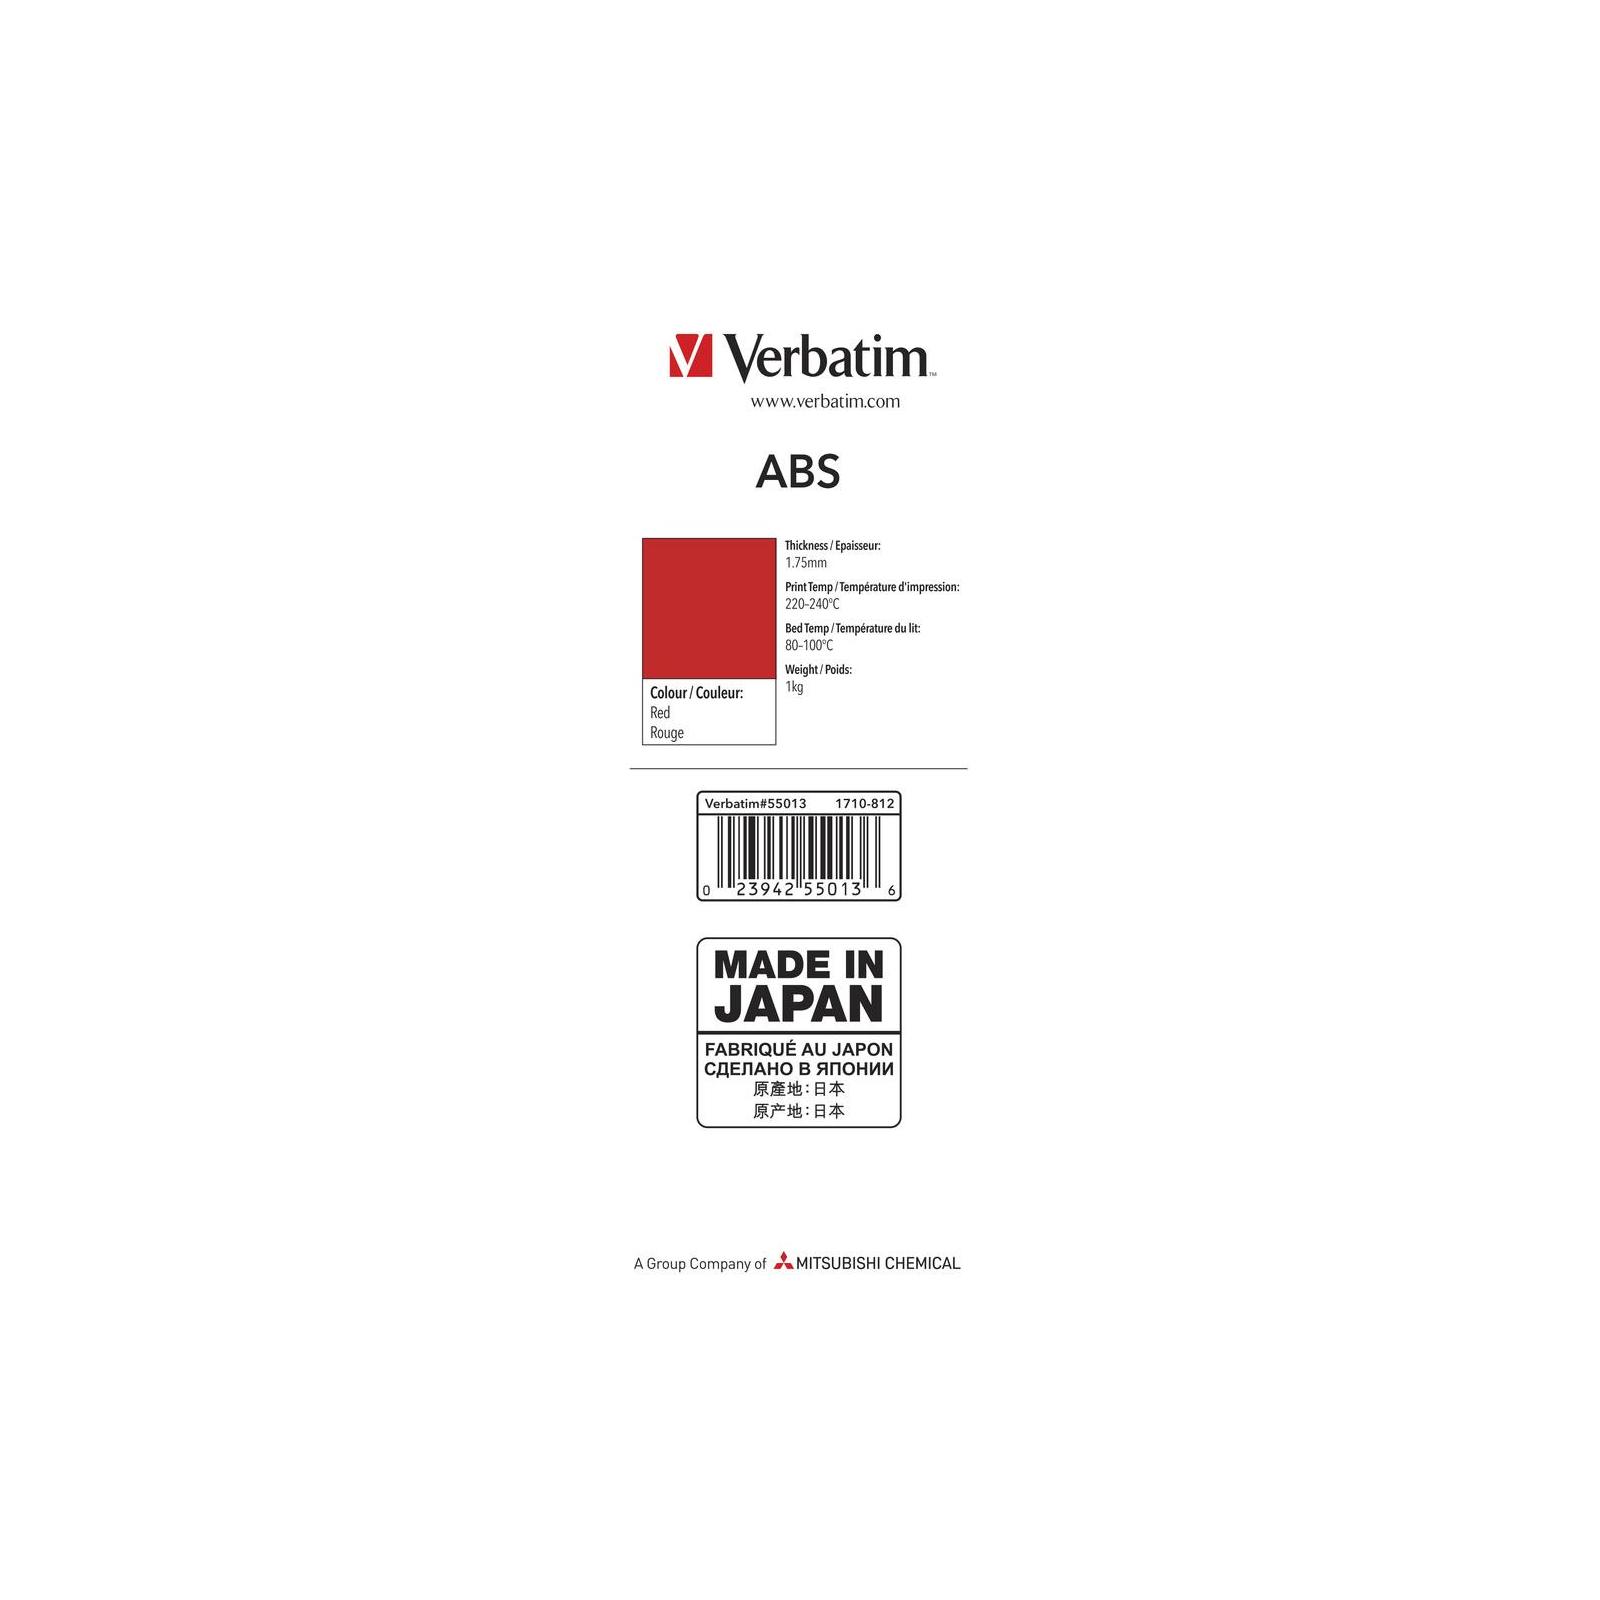 Пластик для 3D-принтера Verbatim ABS 1.75 mm red 1kg (55013) изображение 4